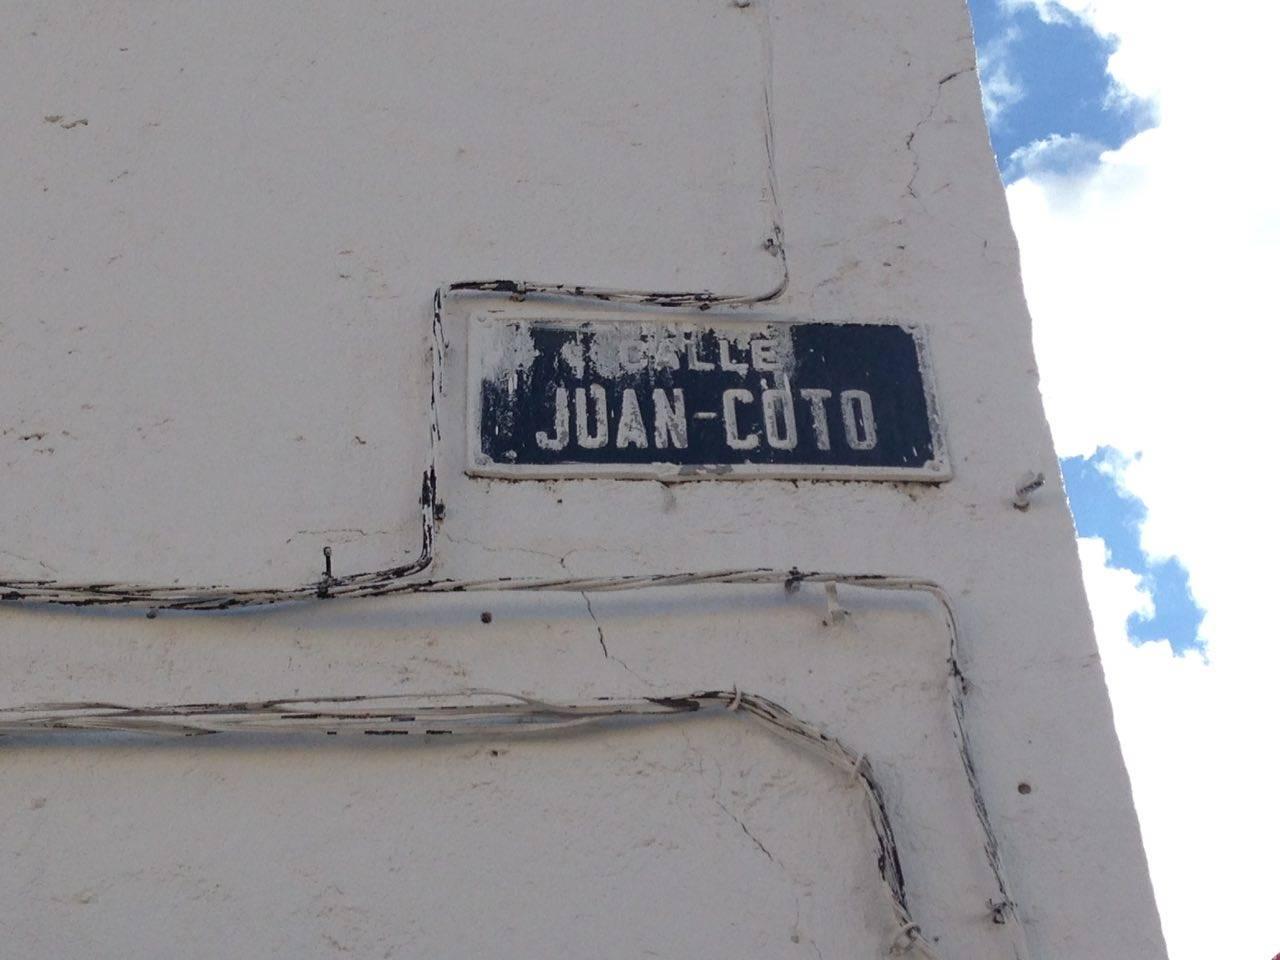 juan coto 2 - Las calles de Herencia. La calle Juan Coto